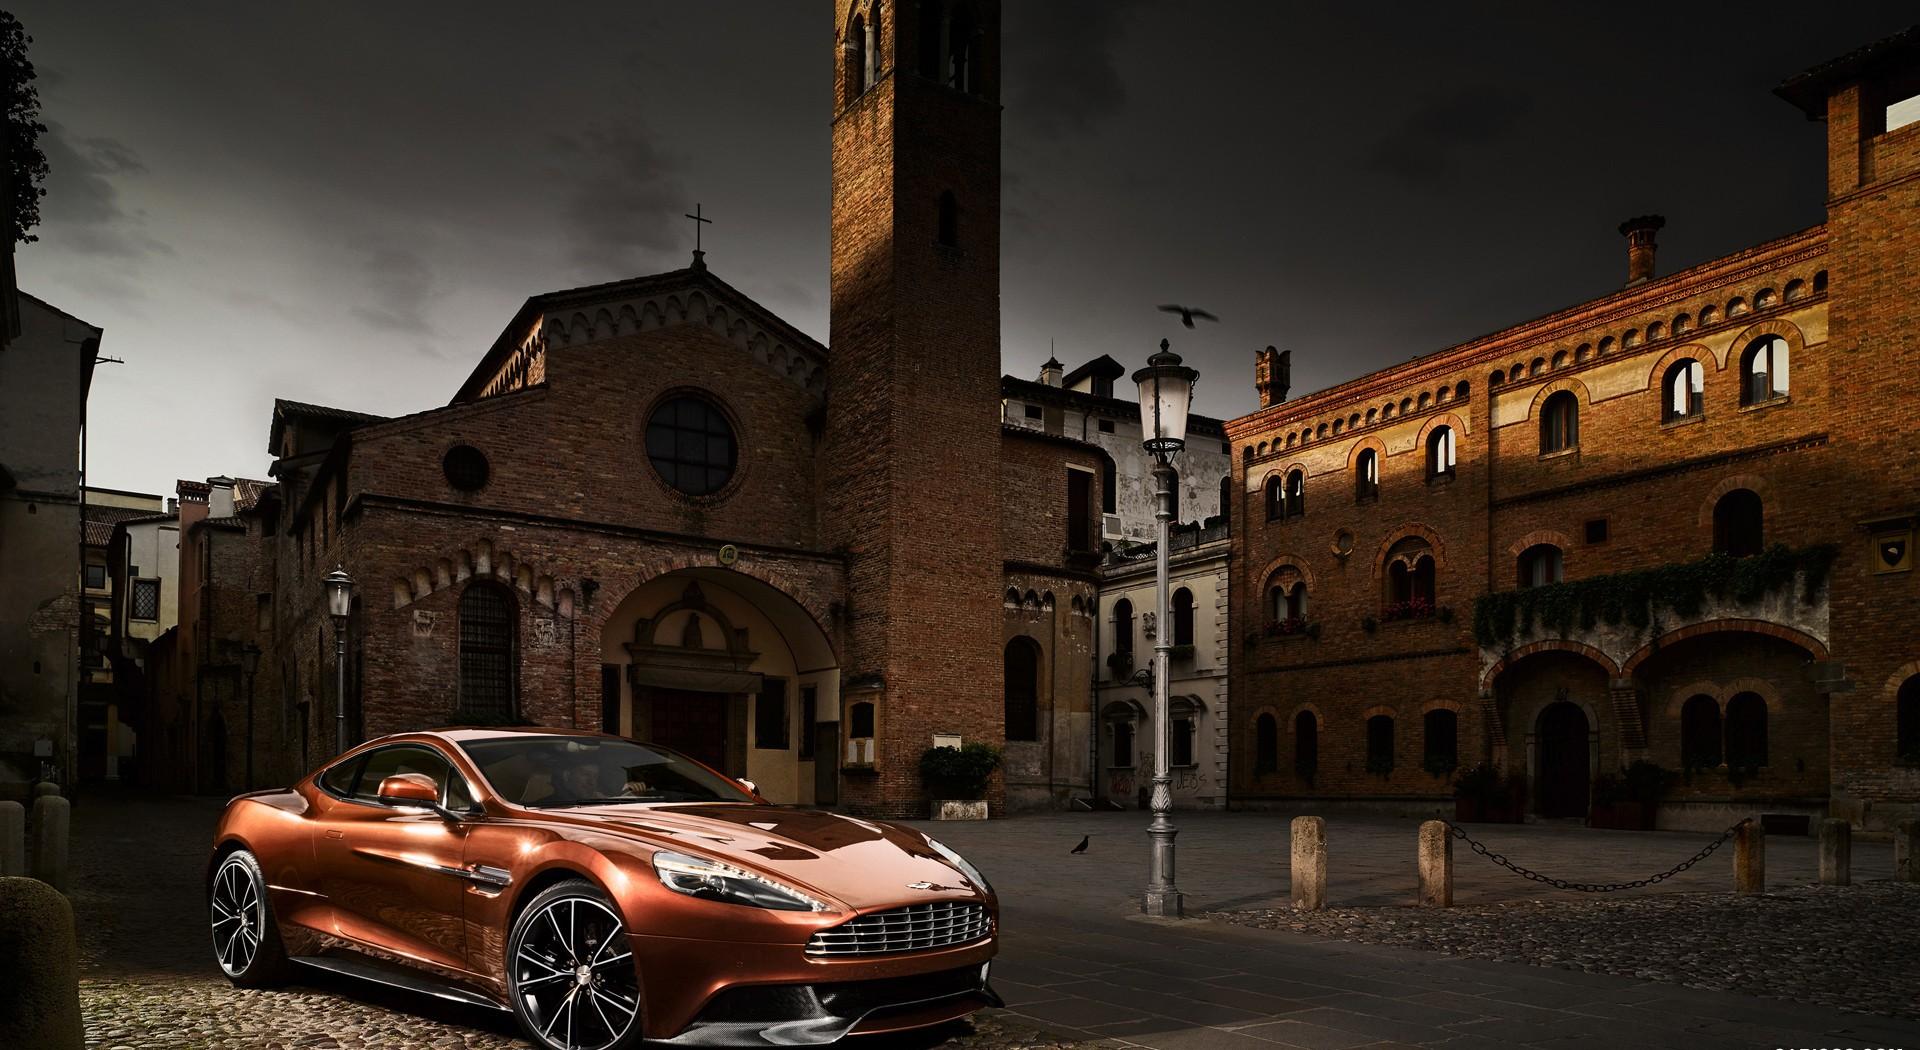 Aston Martin Vanquish beautiful